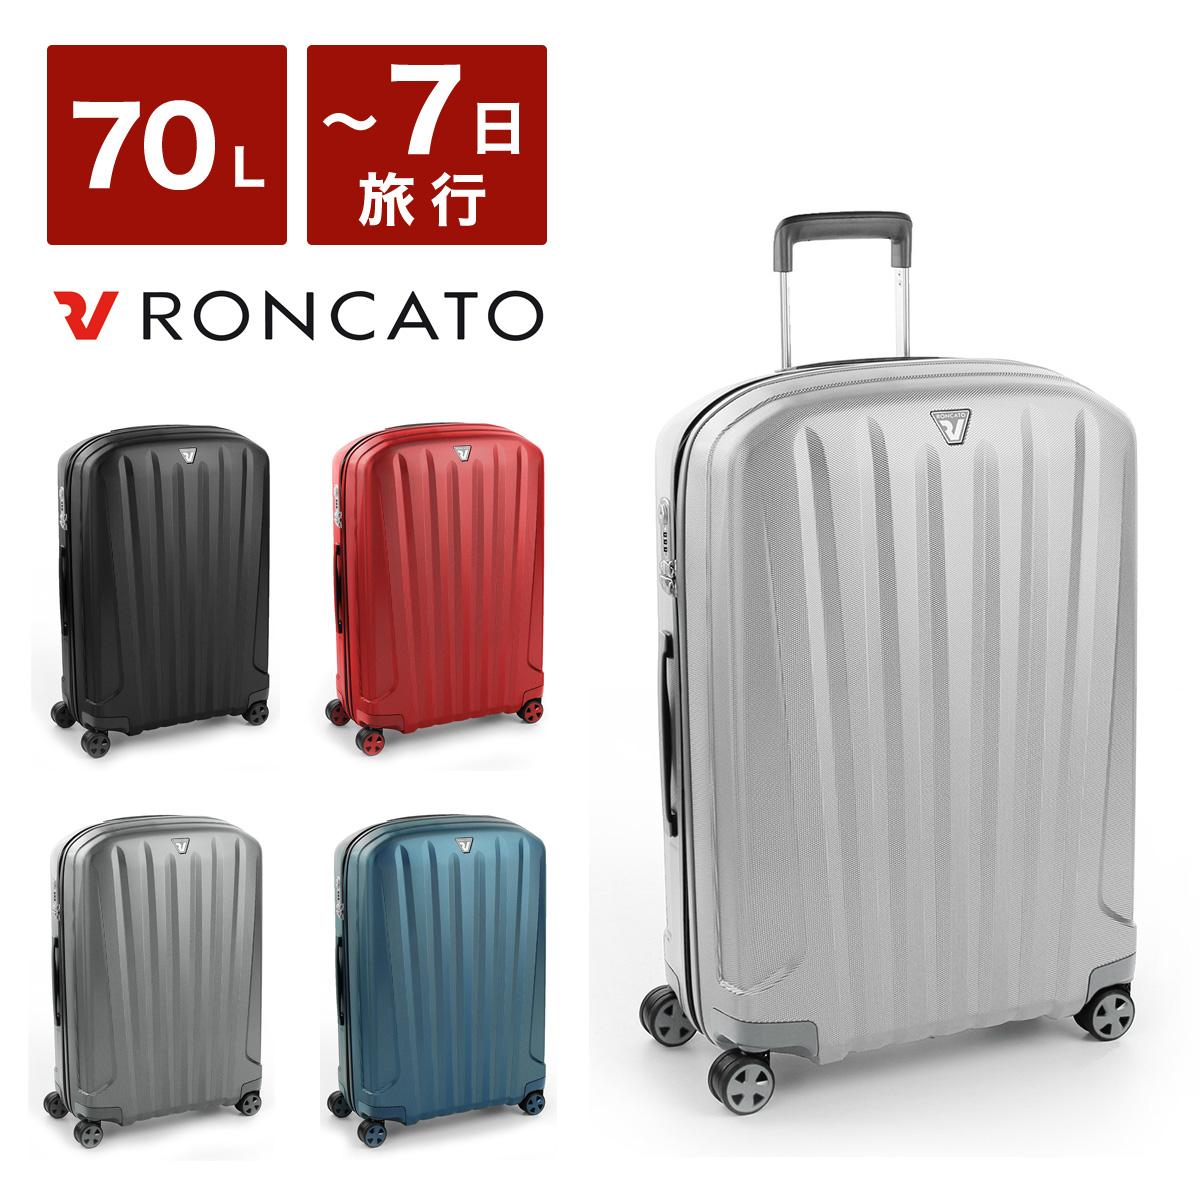 ロンカート スーツケース イタリア製 UNICA 5612 67cm RONCATO ユニカ ハード キャリーケース 軽量 TSAロック搭載 10年保証【PO10】